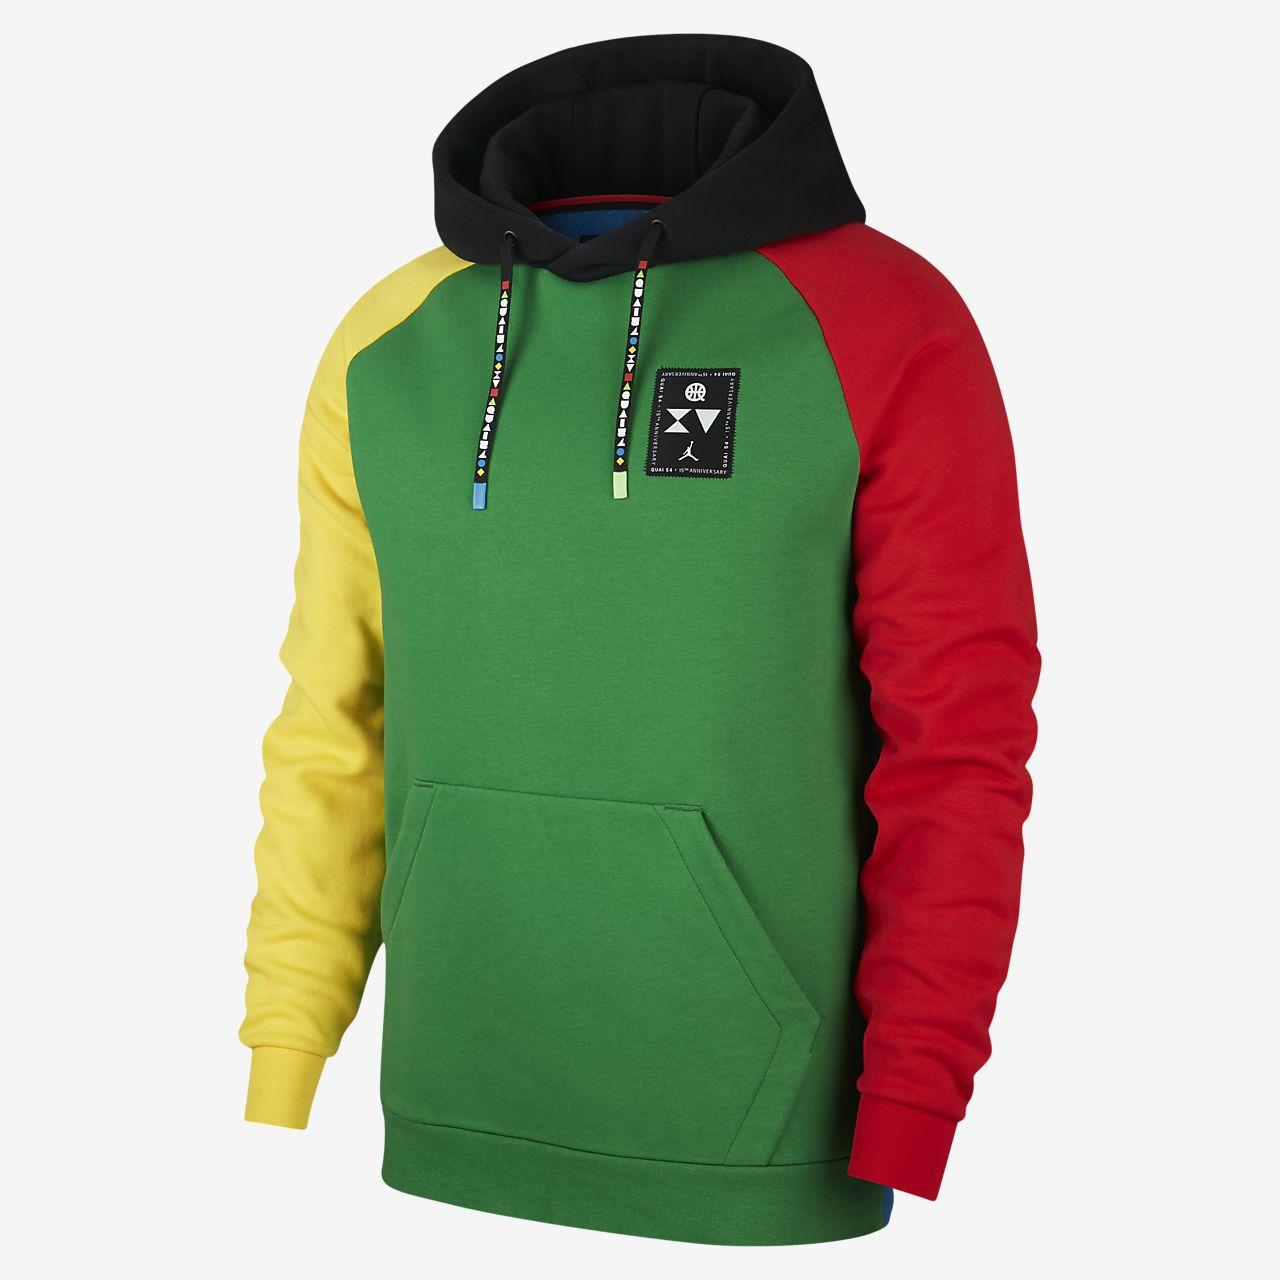 Ανδρική φλις μπλούζα Jordan Quai 54 Pullover